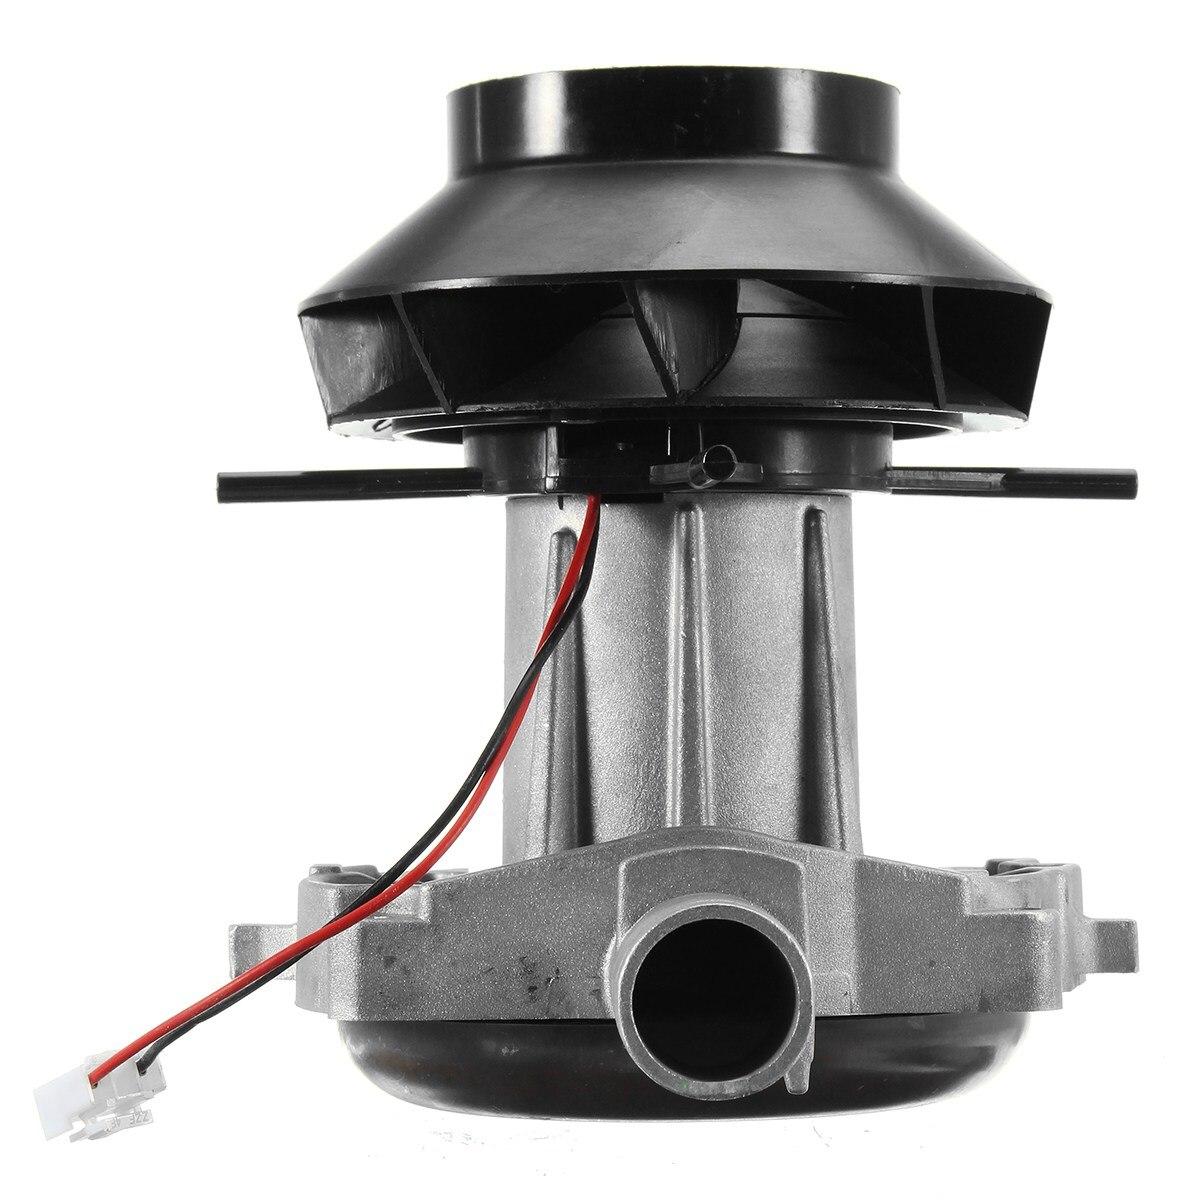 Новый 12 В 24 В электродвигателя вентилятора сгорания вентилятор для Webasto Eberspacher Airtronic D4 Air Devr парковка нагреватель замена